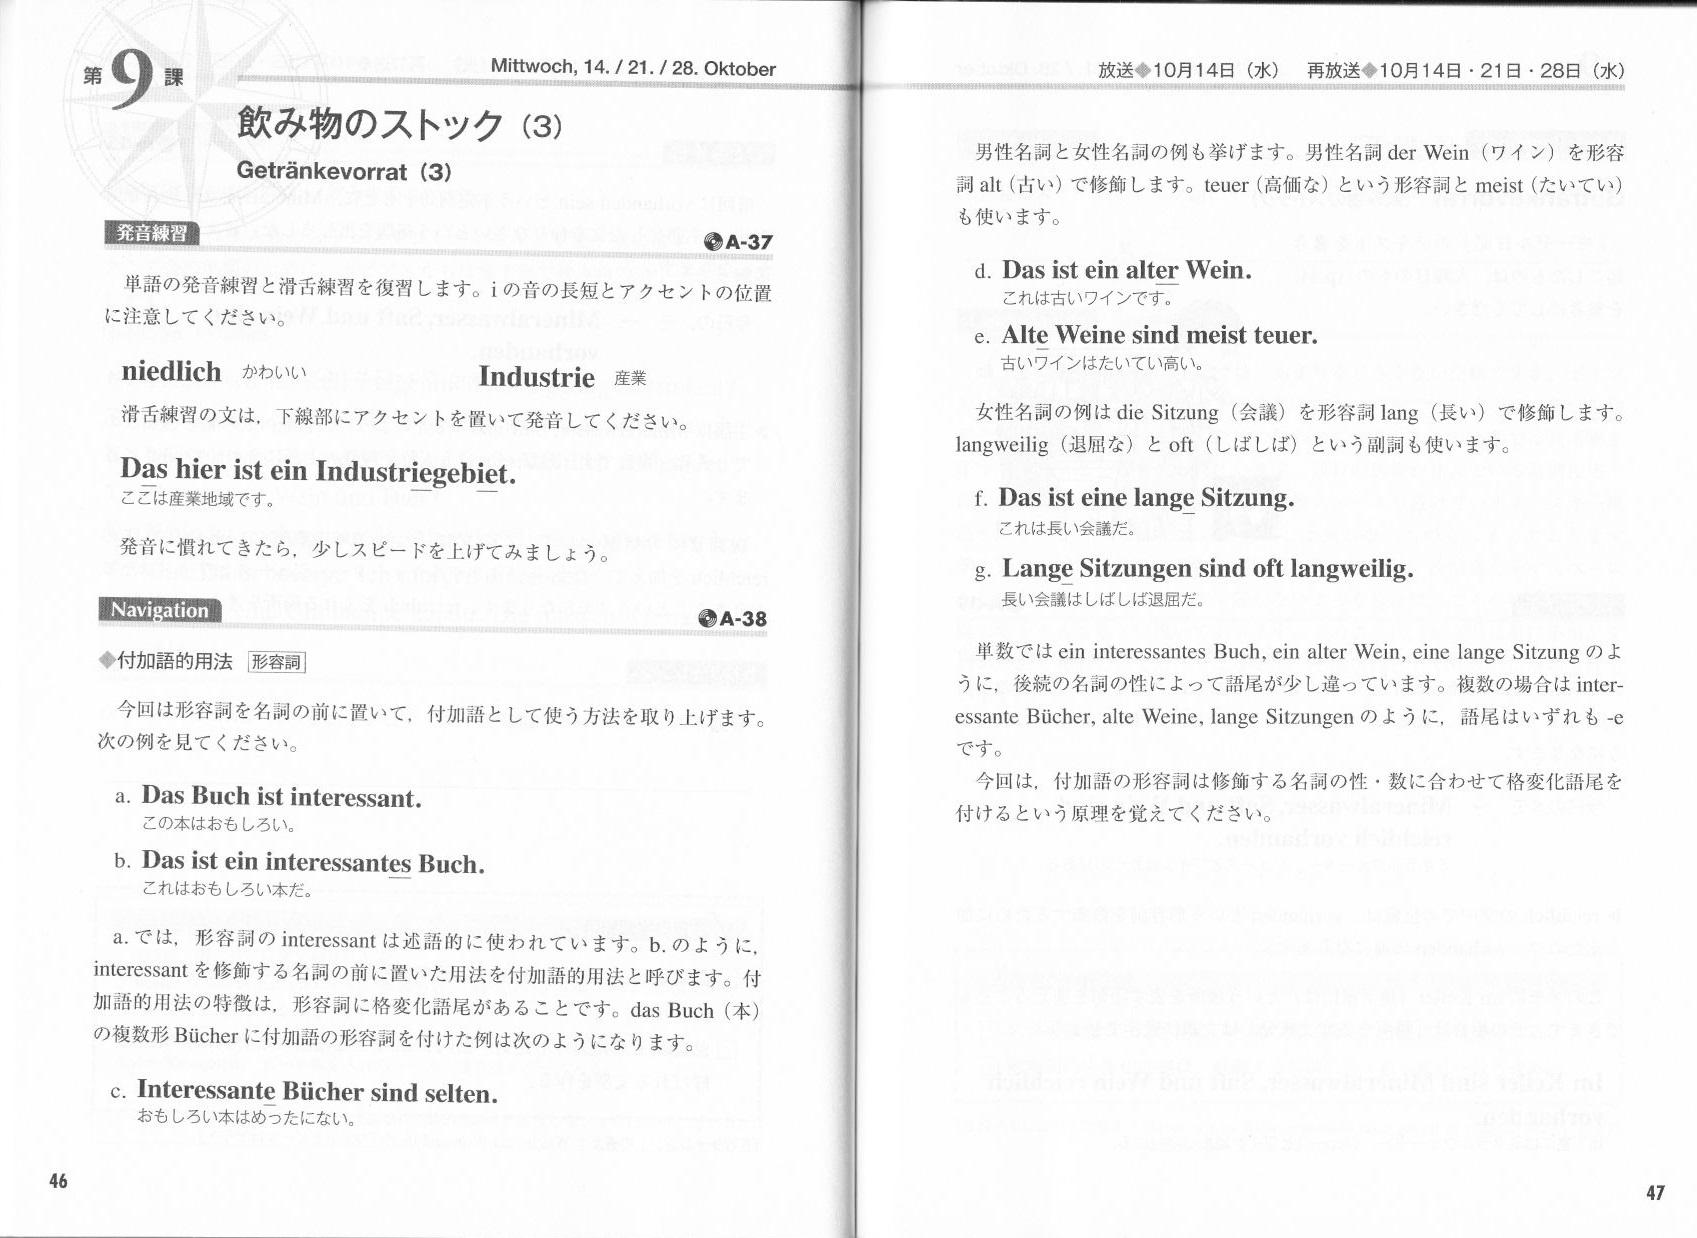 独スト2 -「必携ドイツ文法総まとめ」で形容詞変化の謎を解く(15年10月22